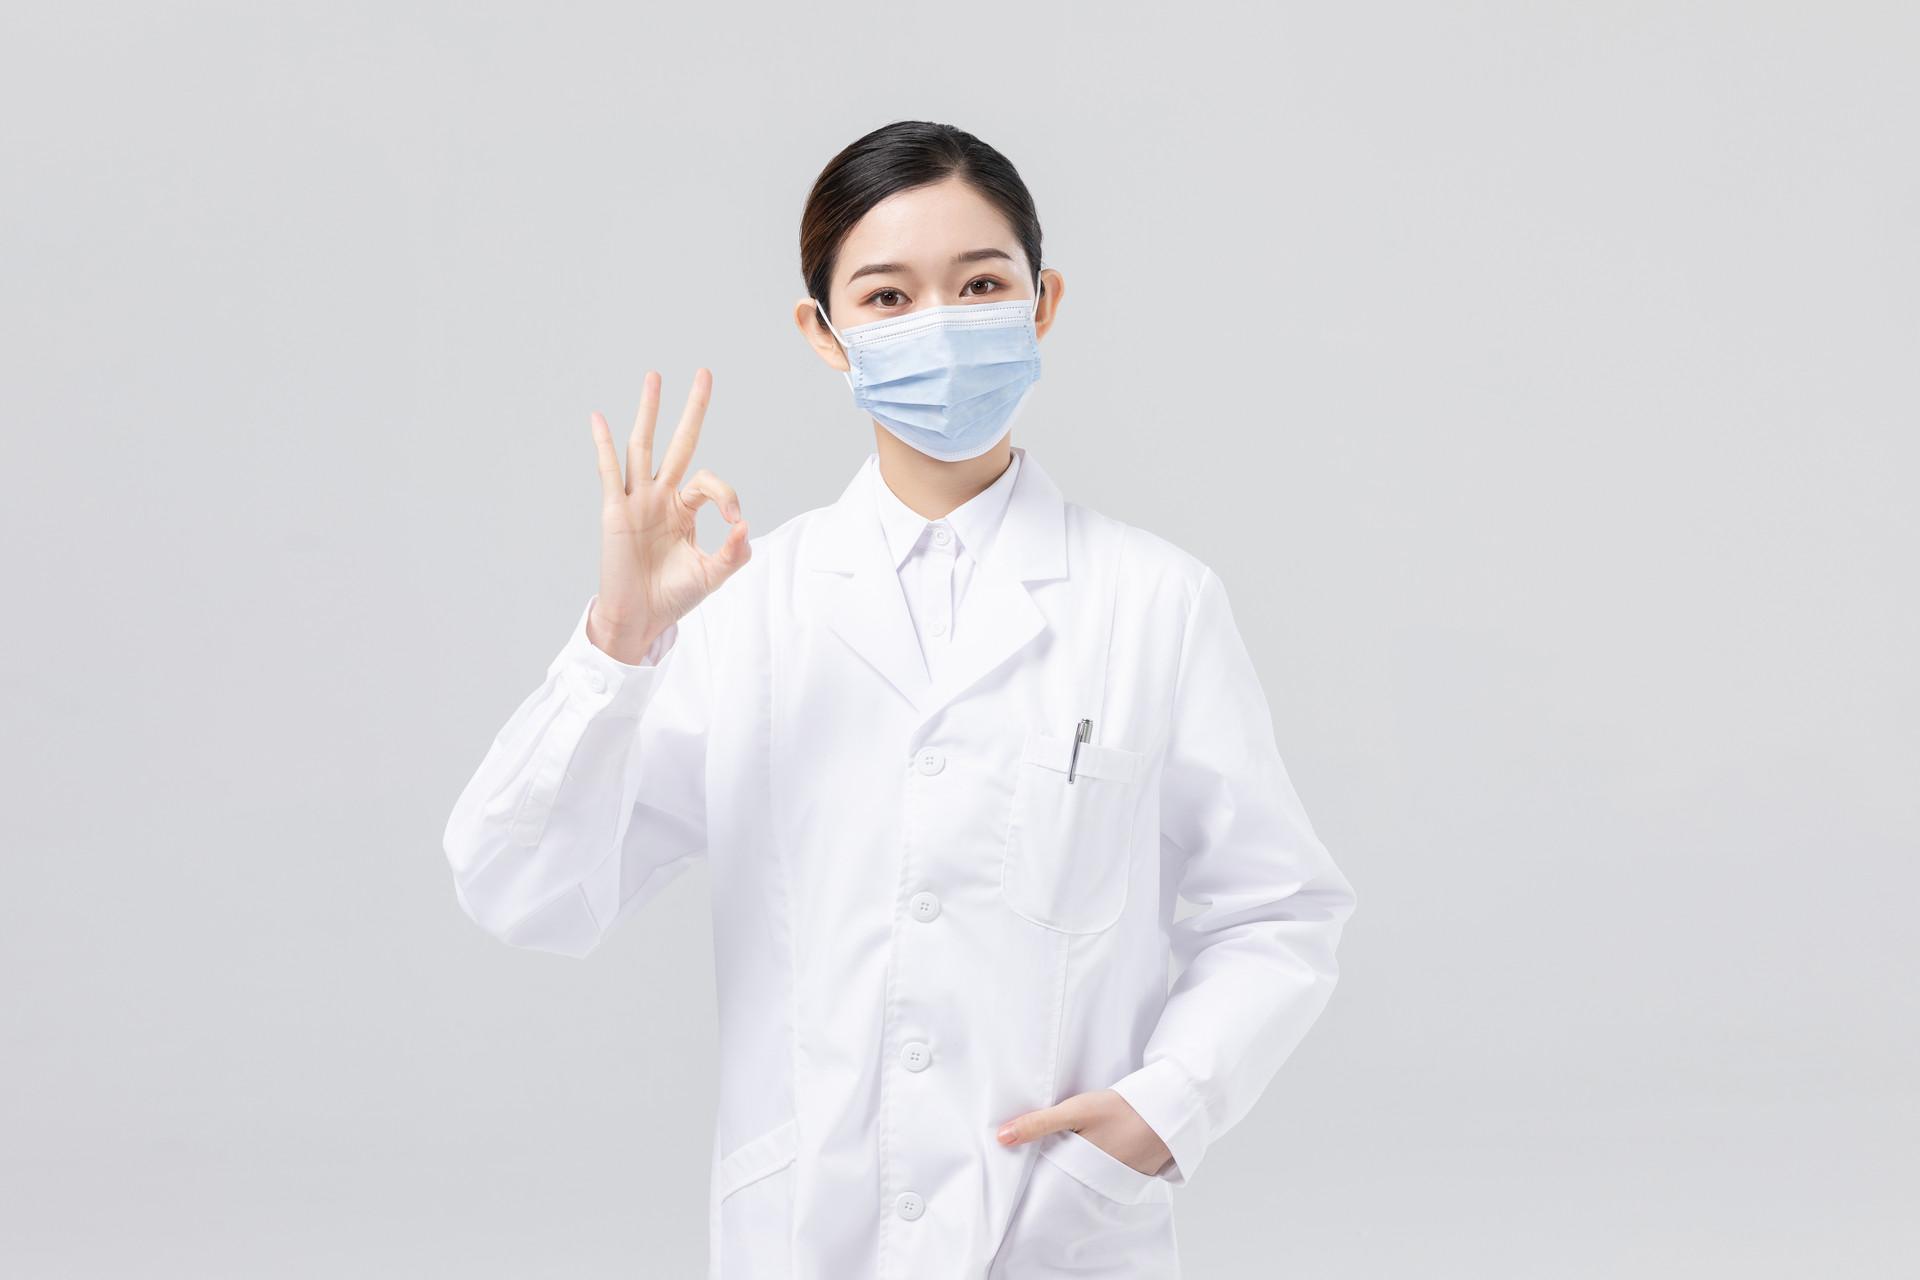 芜湖镜湖区健康管理师在哪培训-地址-电话